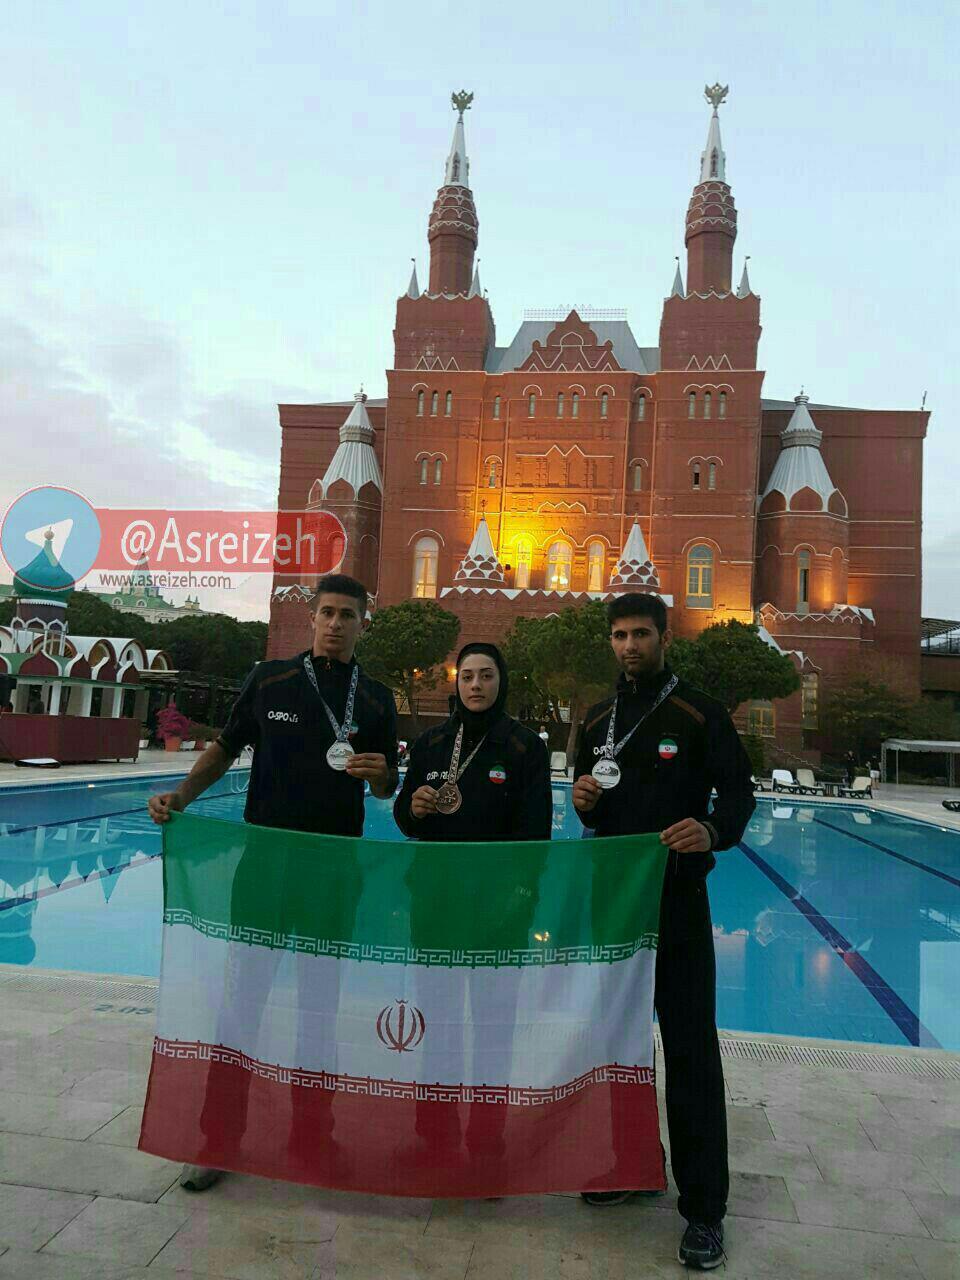 دو نقره و یک برنز حاصل تلاش رزمیکاران اُ اسپرت ایذه در مسابقات جهانی ترکیه